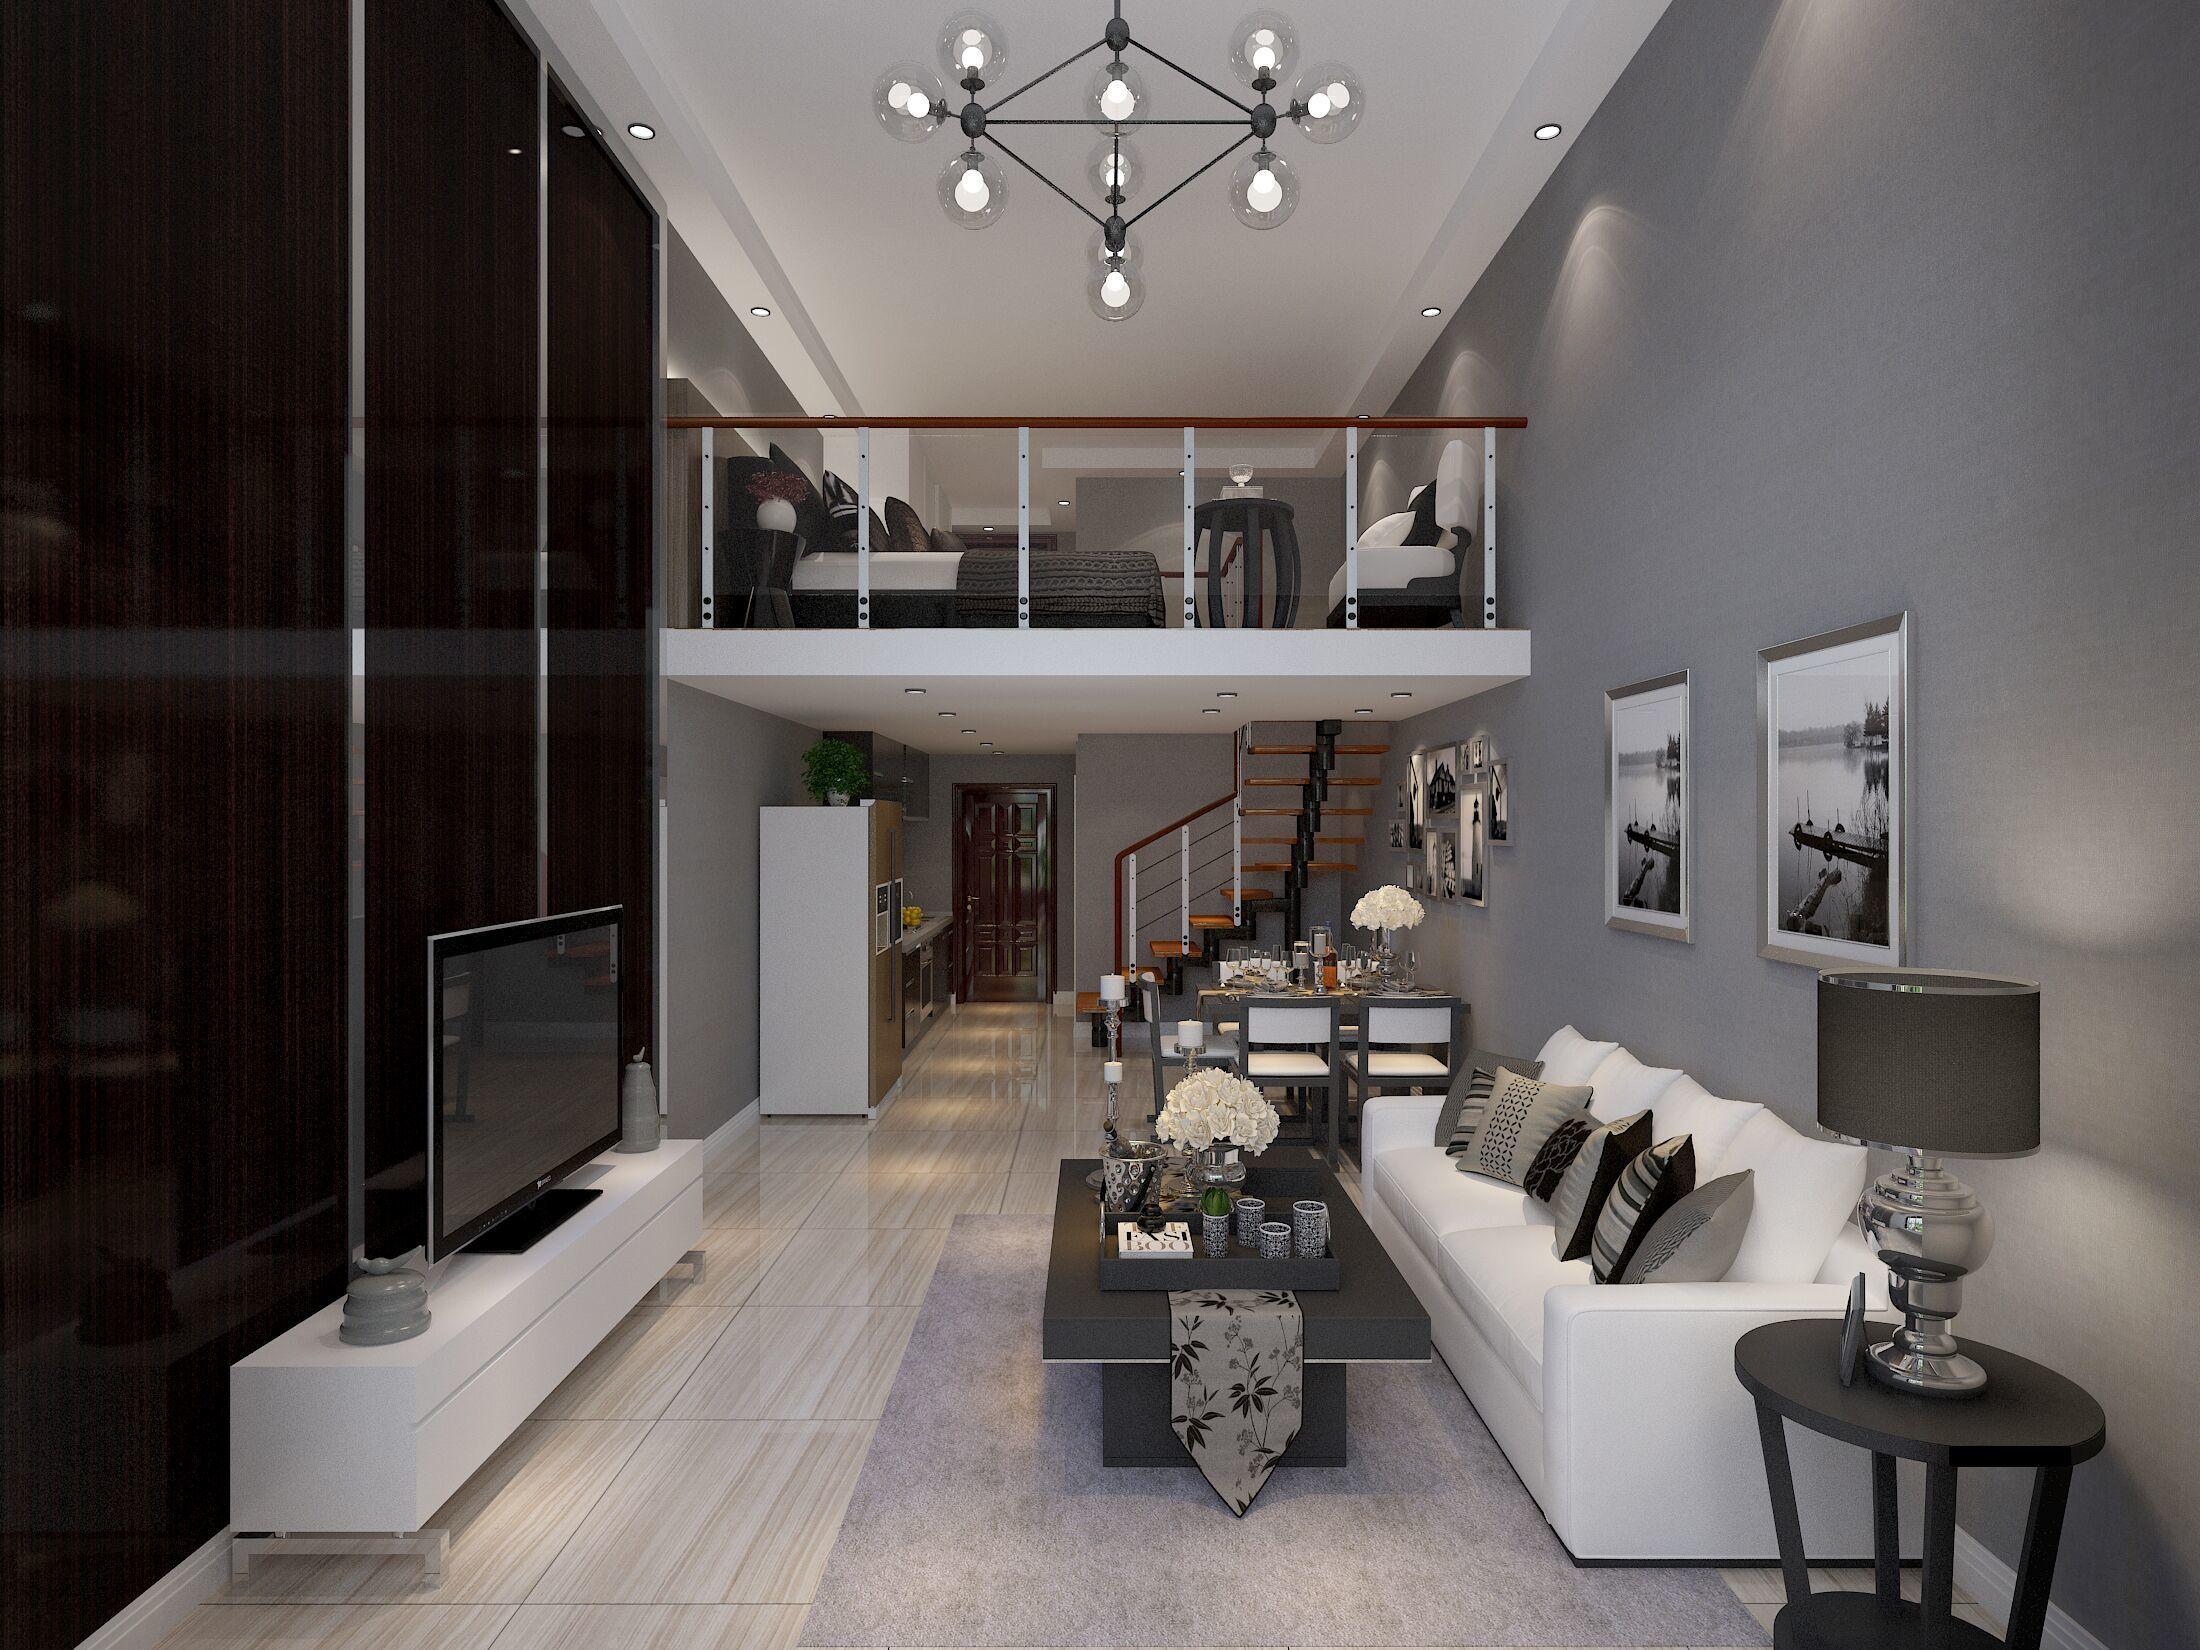 时分酒店公寓-3d电影主题复式套房图片